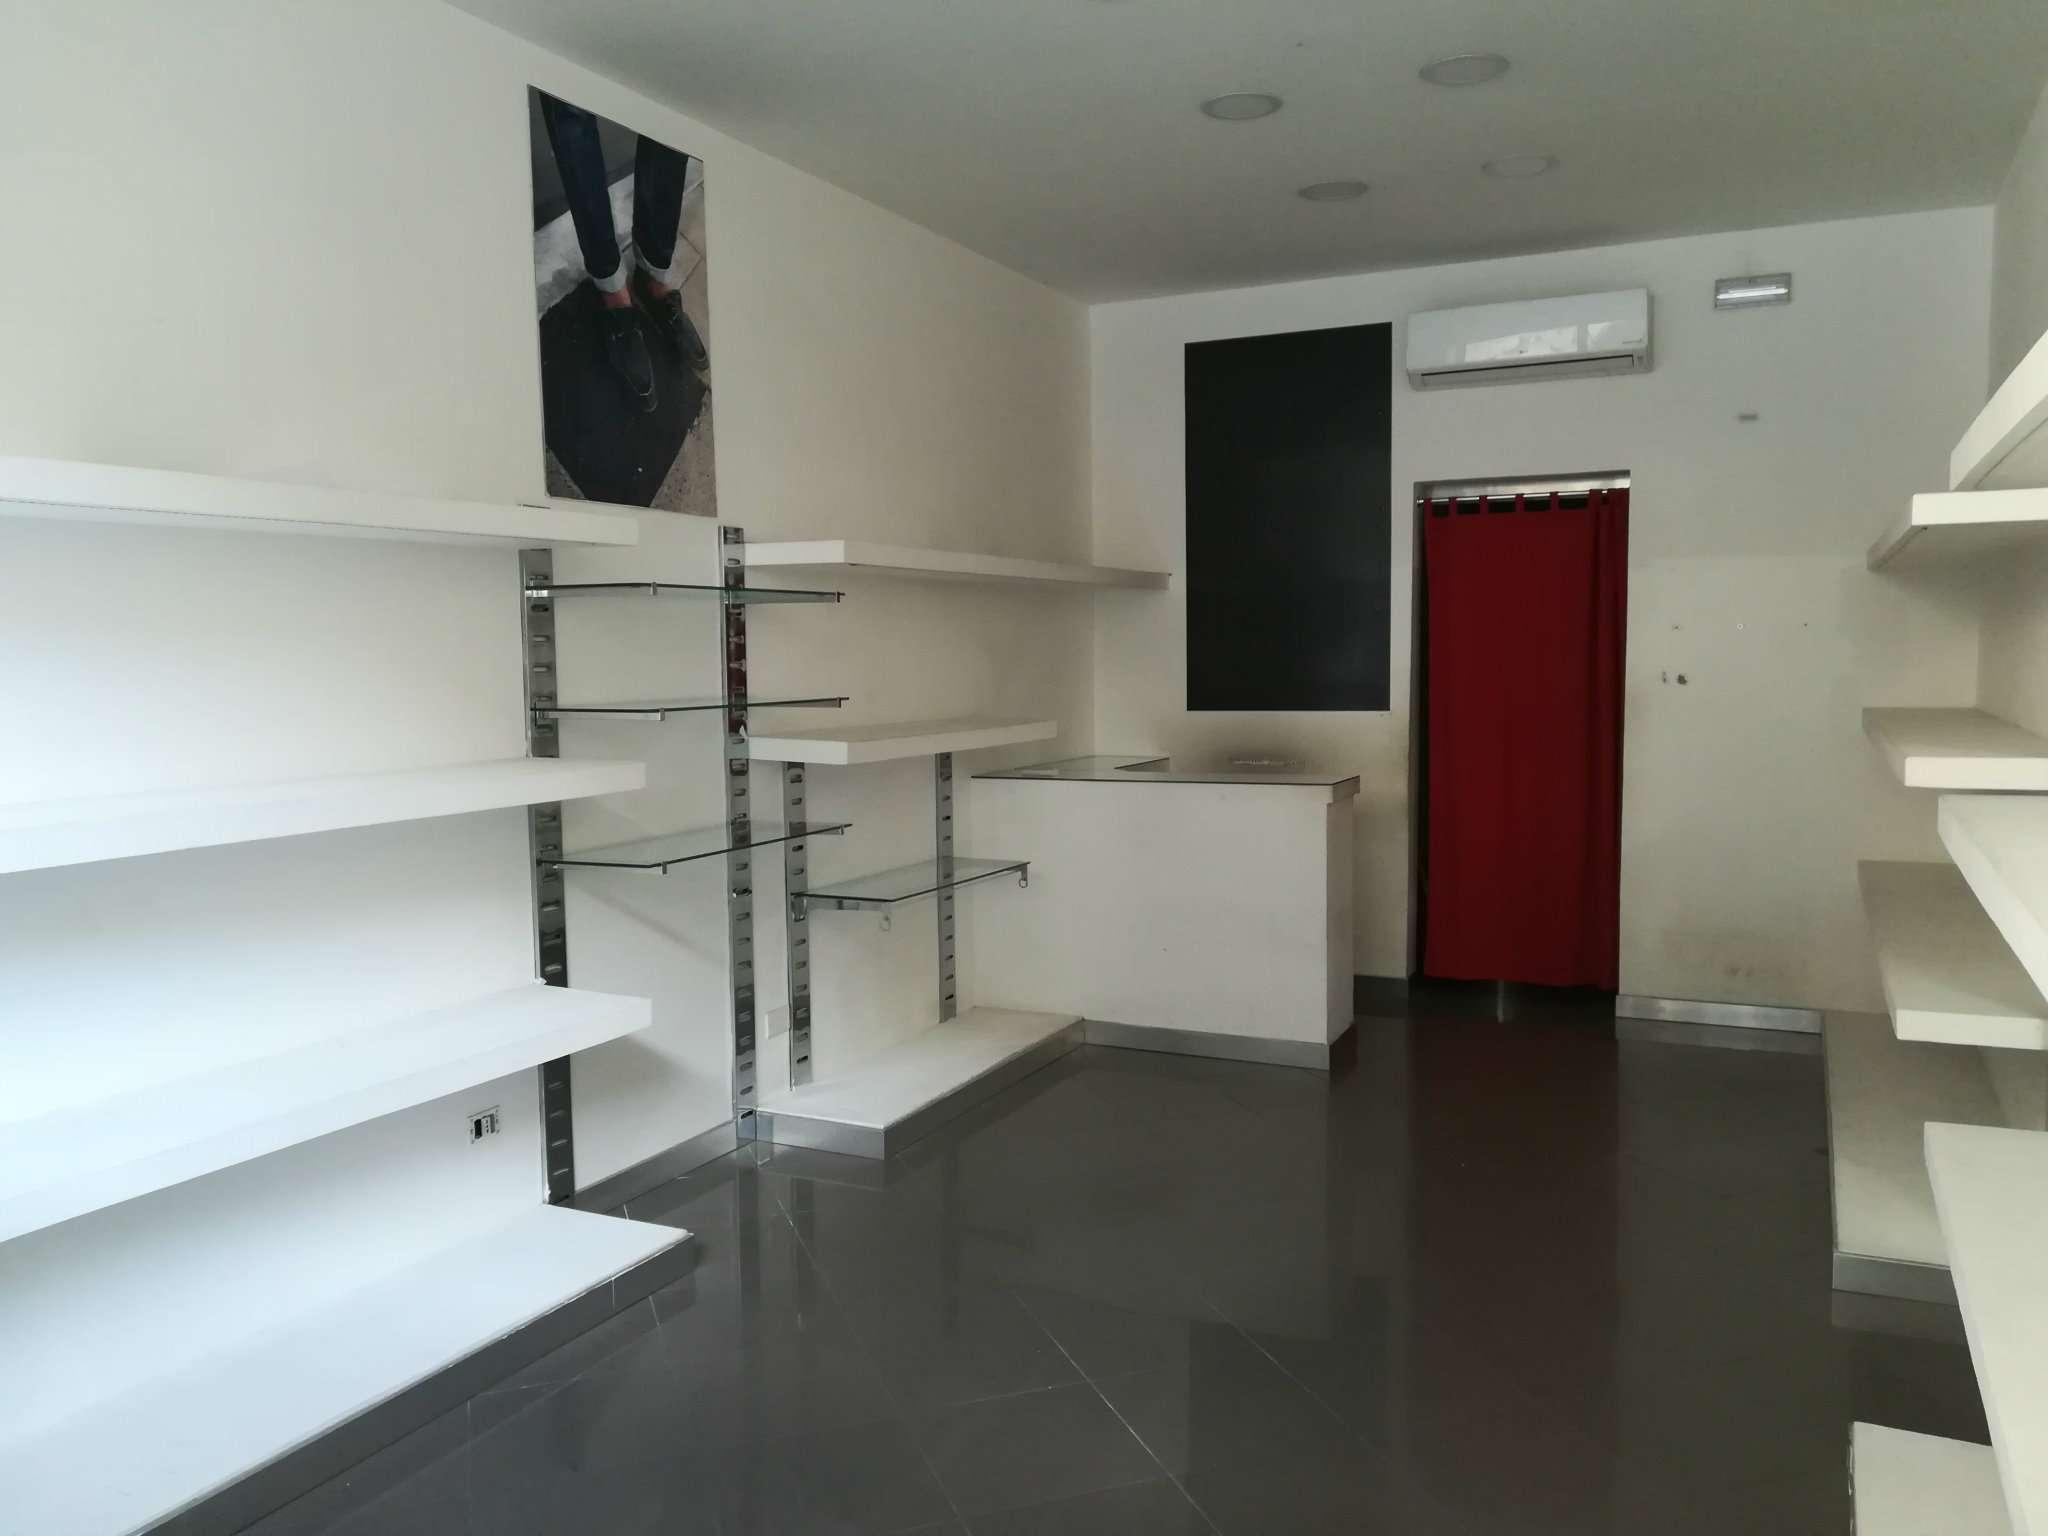 Attività commerciale in affitto Rif. 9001888